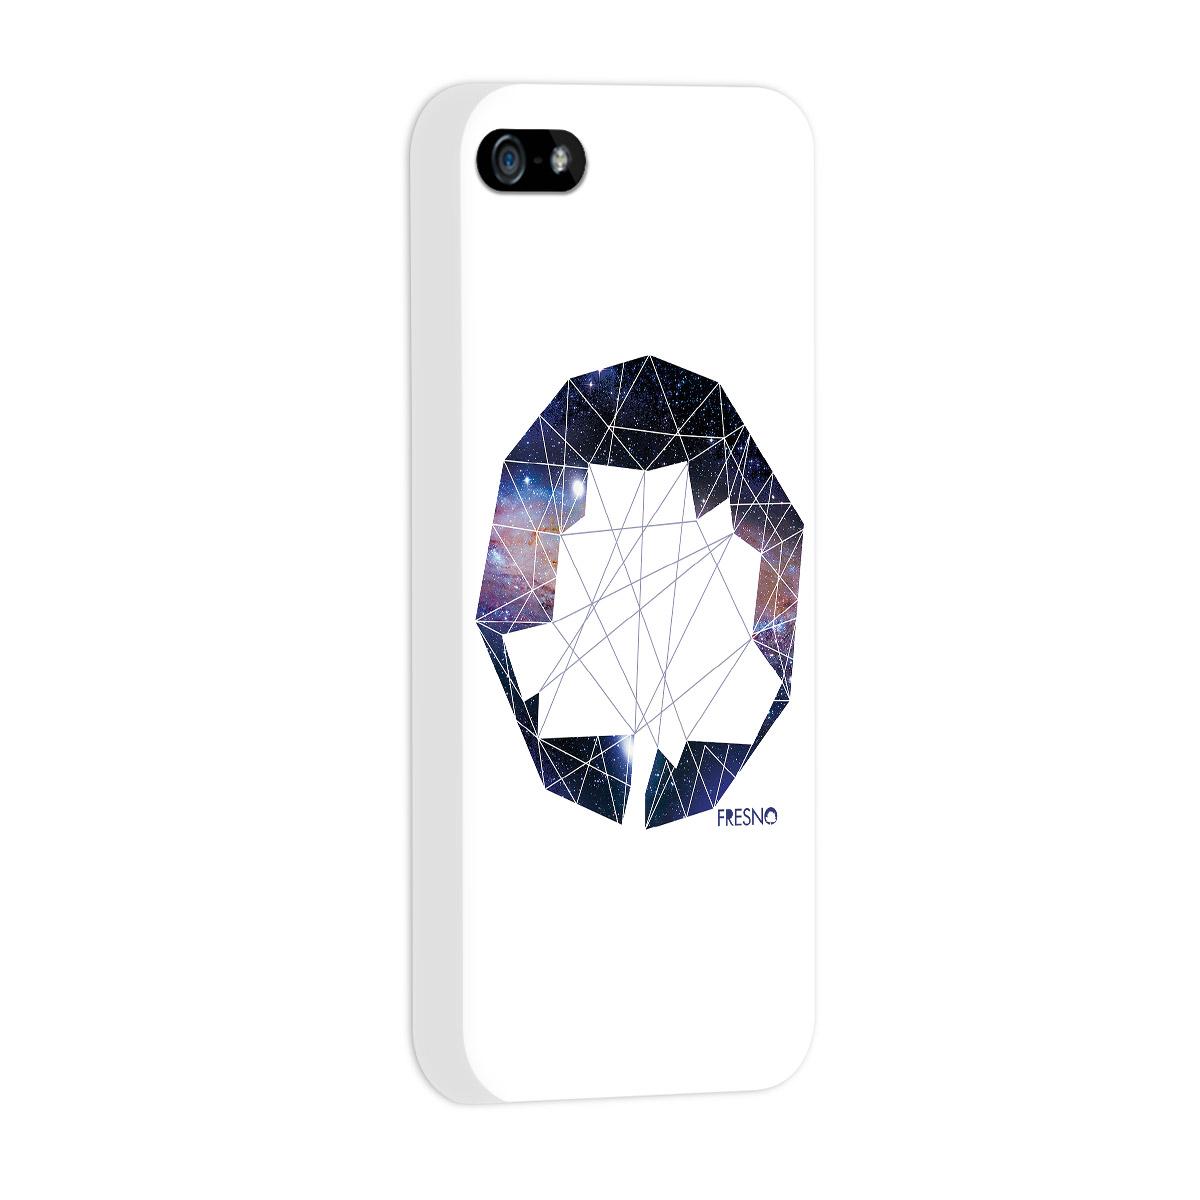 Capa de iPhone 5/5S Fresno Logo Galaxias